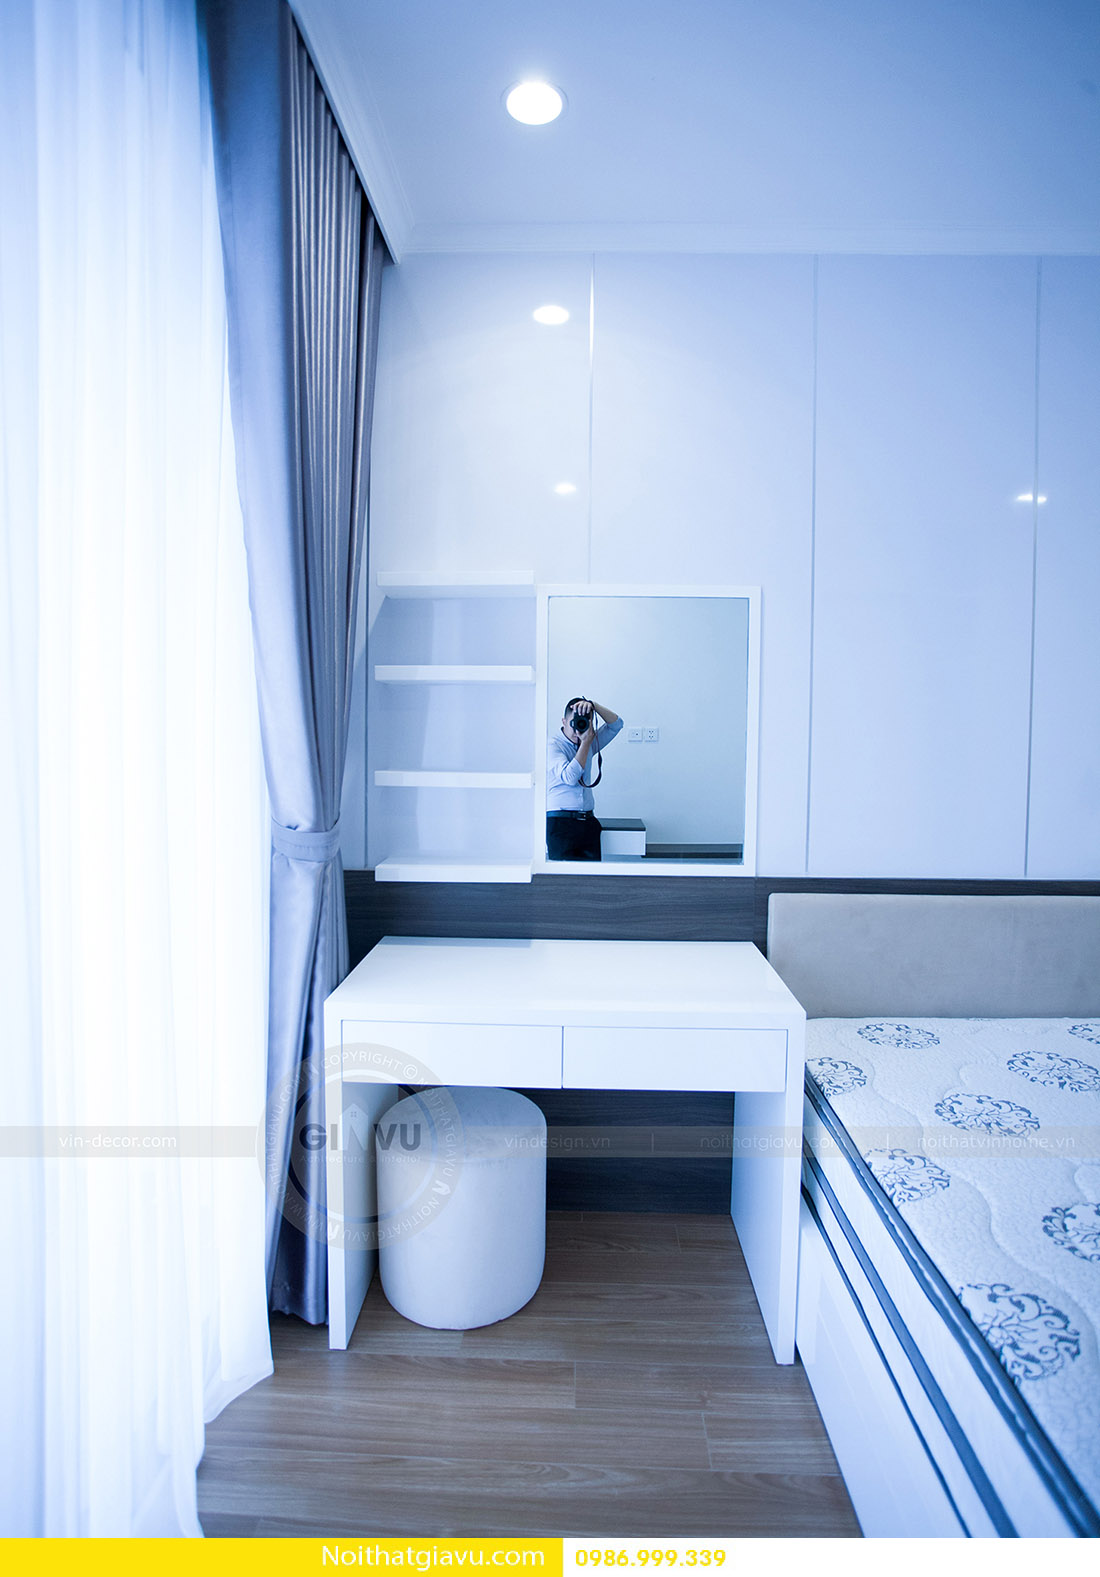 thiết kế nội thất căn hộ Vinhomes Green Bay 2 ngủ 10